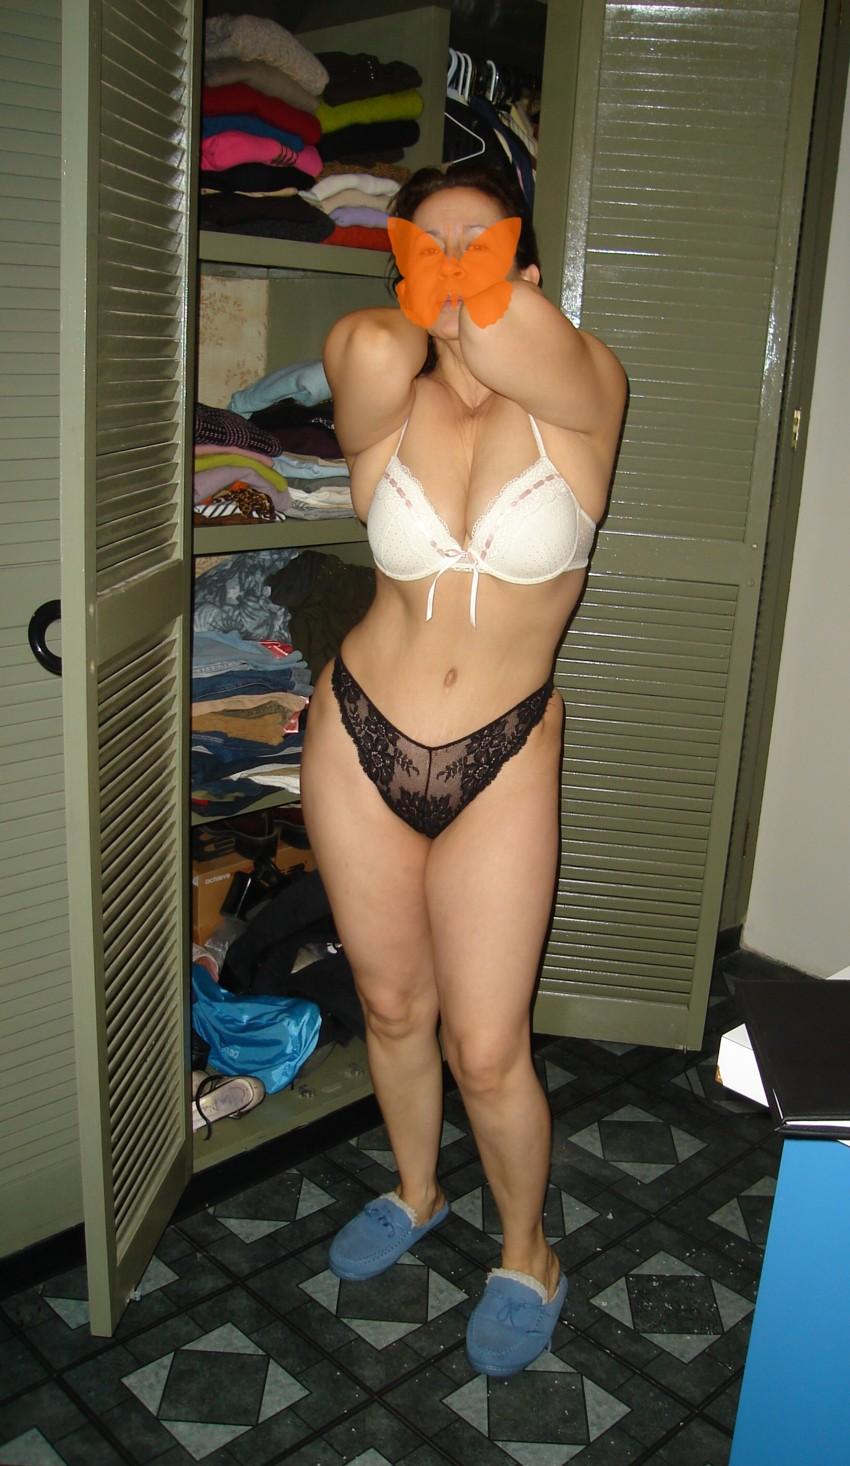 Mujeres Desnudas Cuarentonas maduras calientes en ropa interior fotos caseras de mujeres